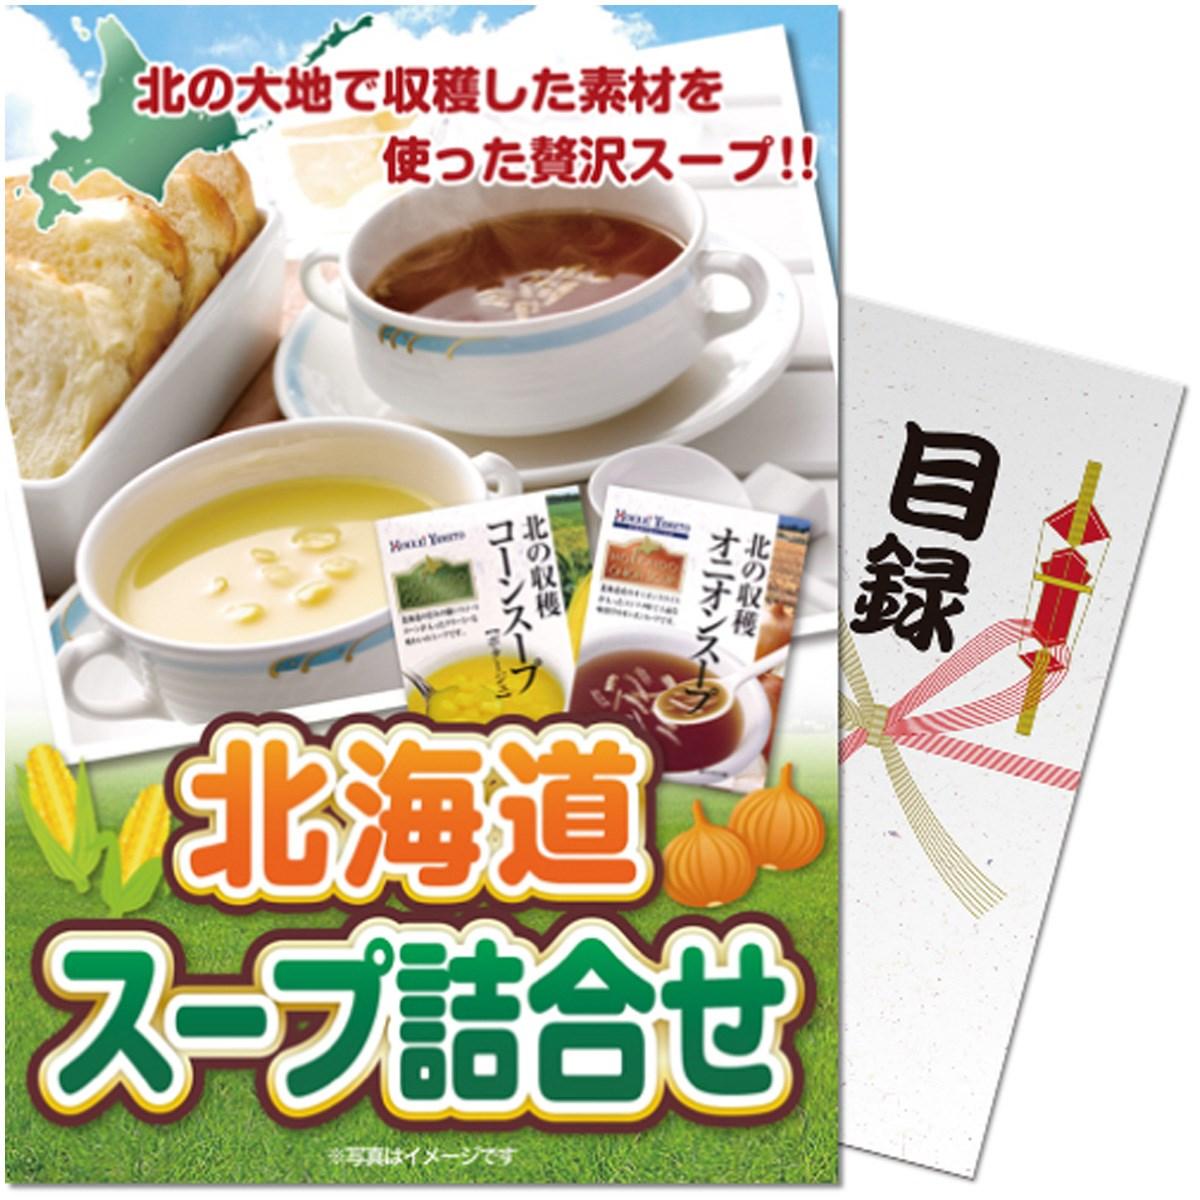 その他メーカー パネもく!北海道スープ詰合せ 目録 A4パネル付き